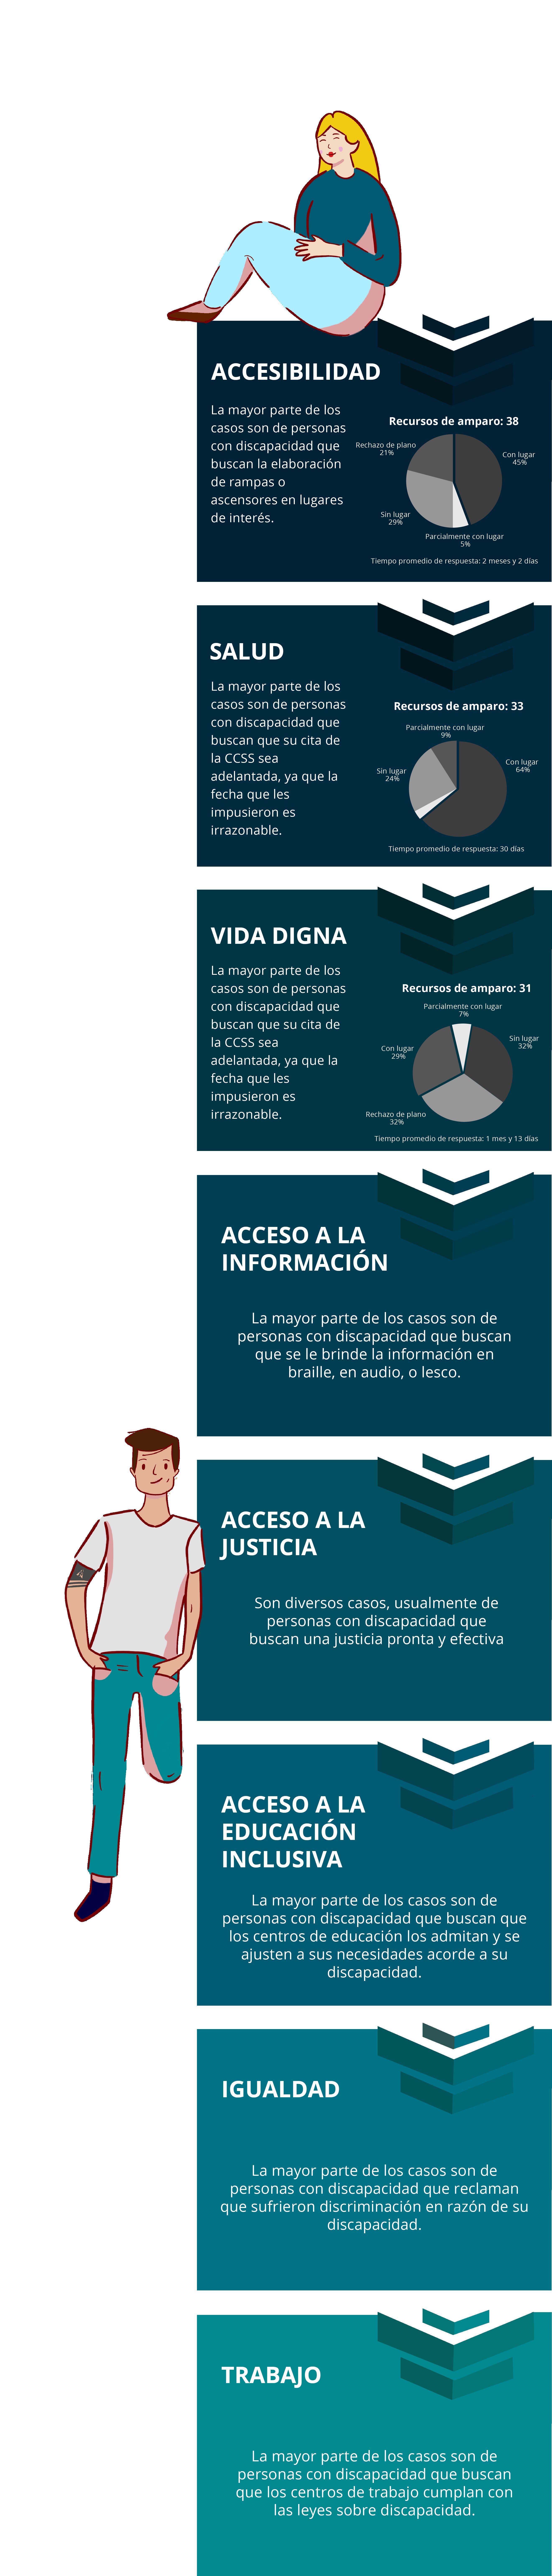 La infografía muestra la ruta hacia los derechos humanos en ocho pasos: accesibilidad, salud, vida digna, acceso a la información, acceso a la justicia, acceso a la educación inclusiva, igualdad y trabajo.